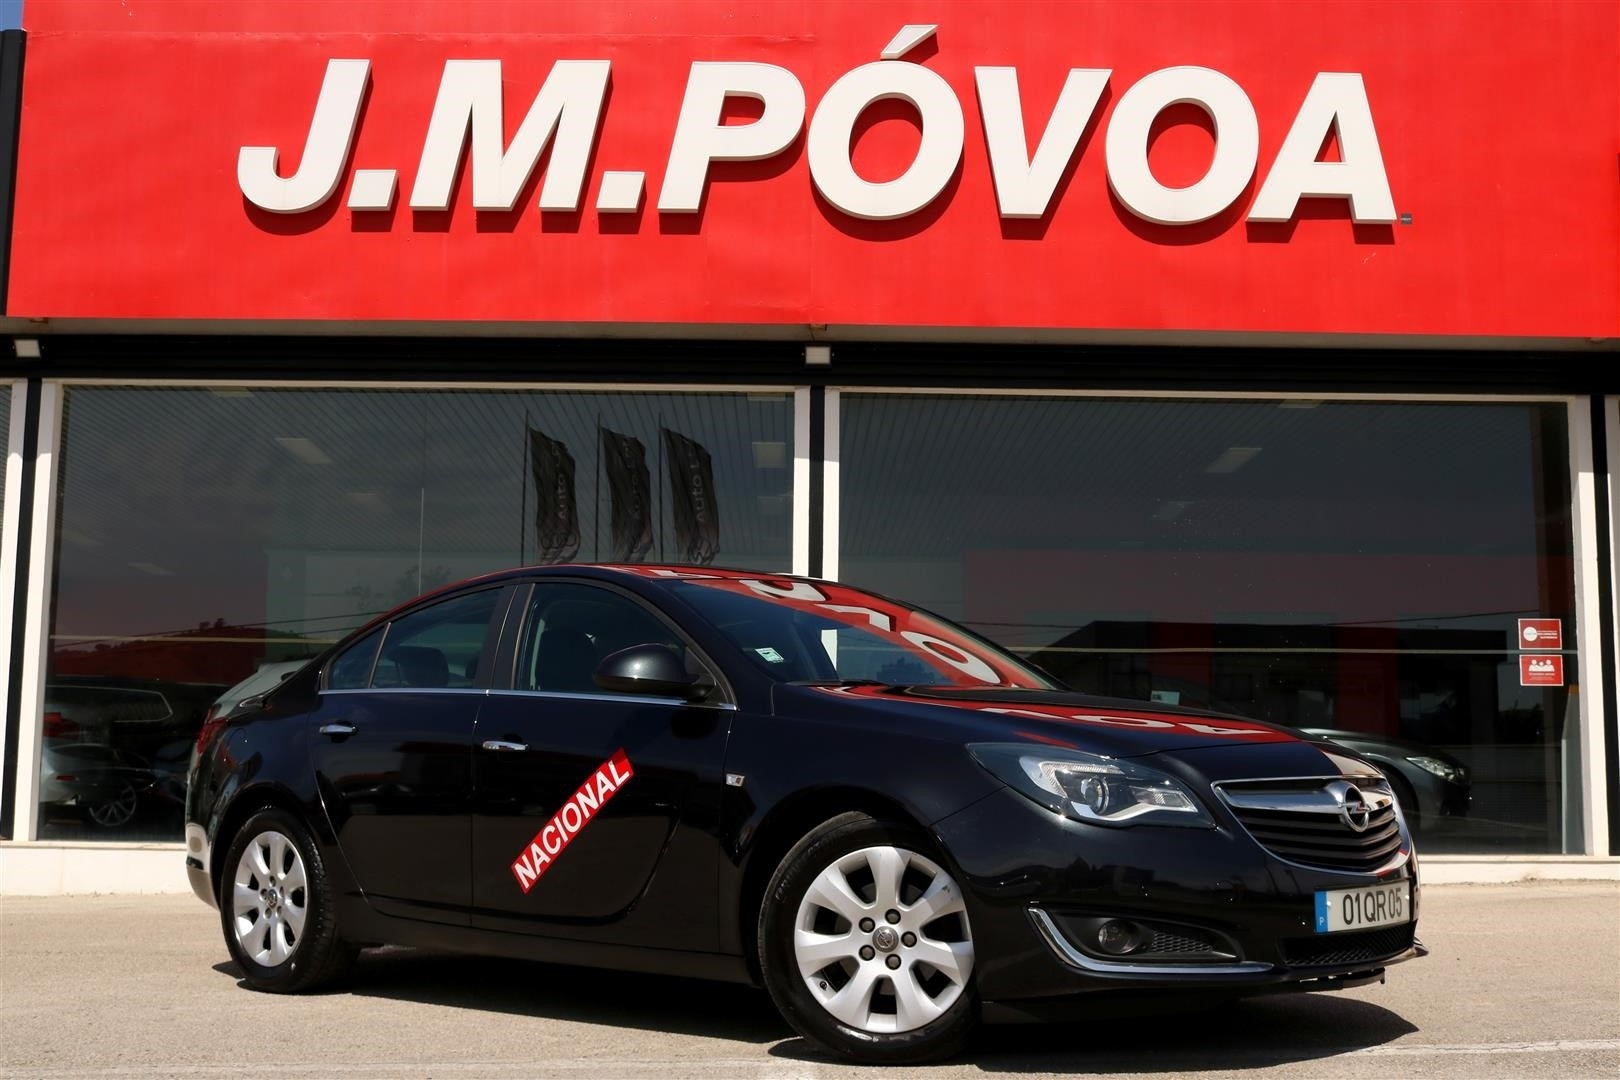 Opel Insignia 2.0 CDTI Executive S/S 170cv